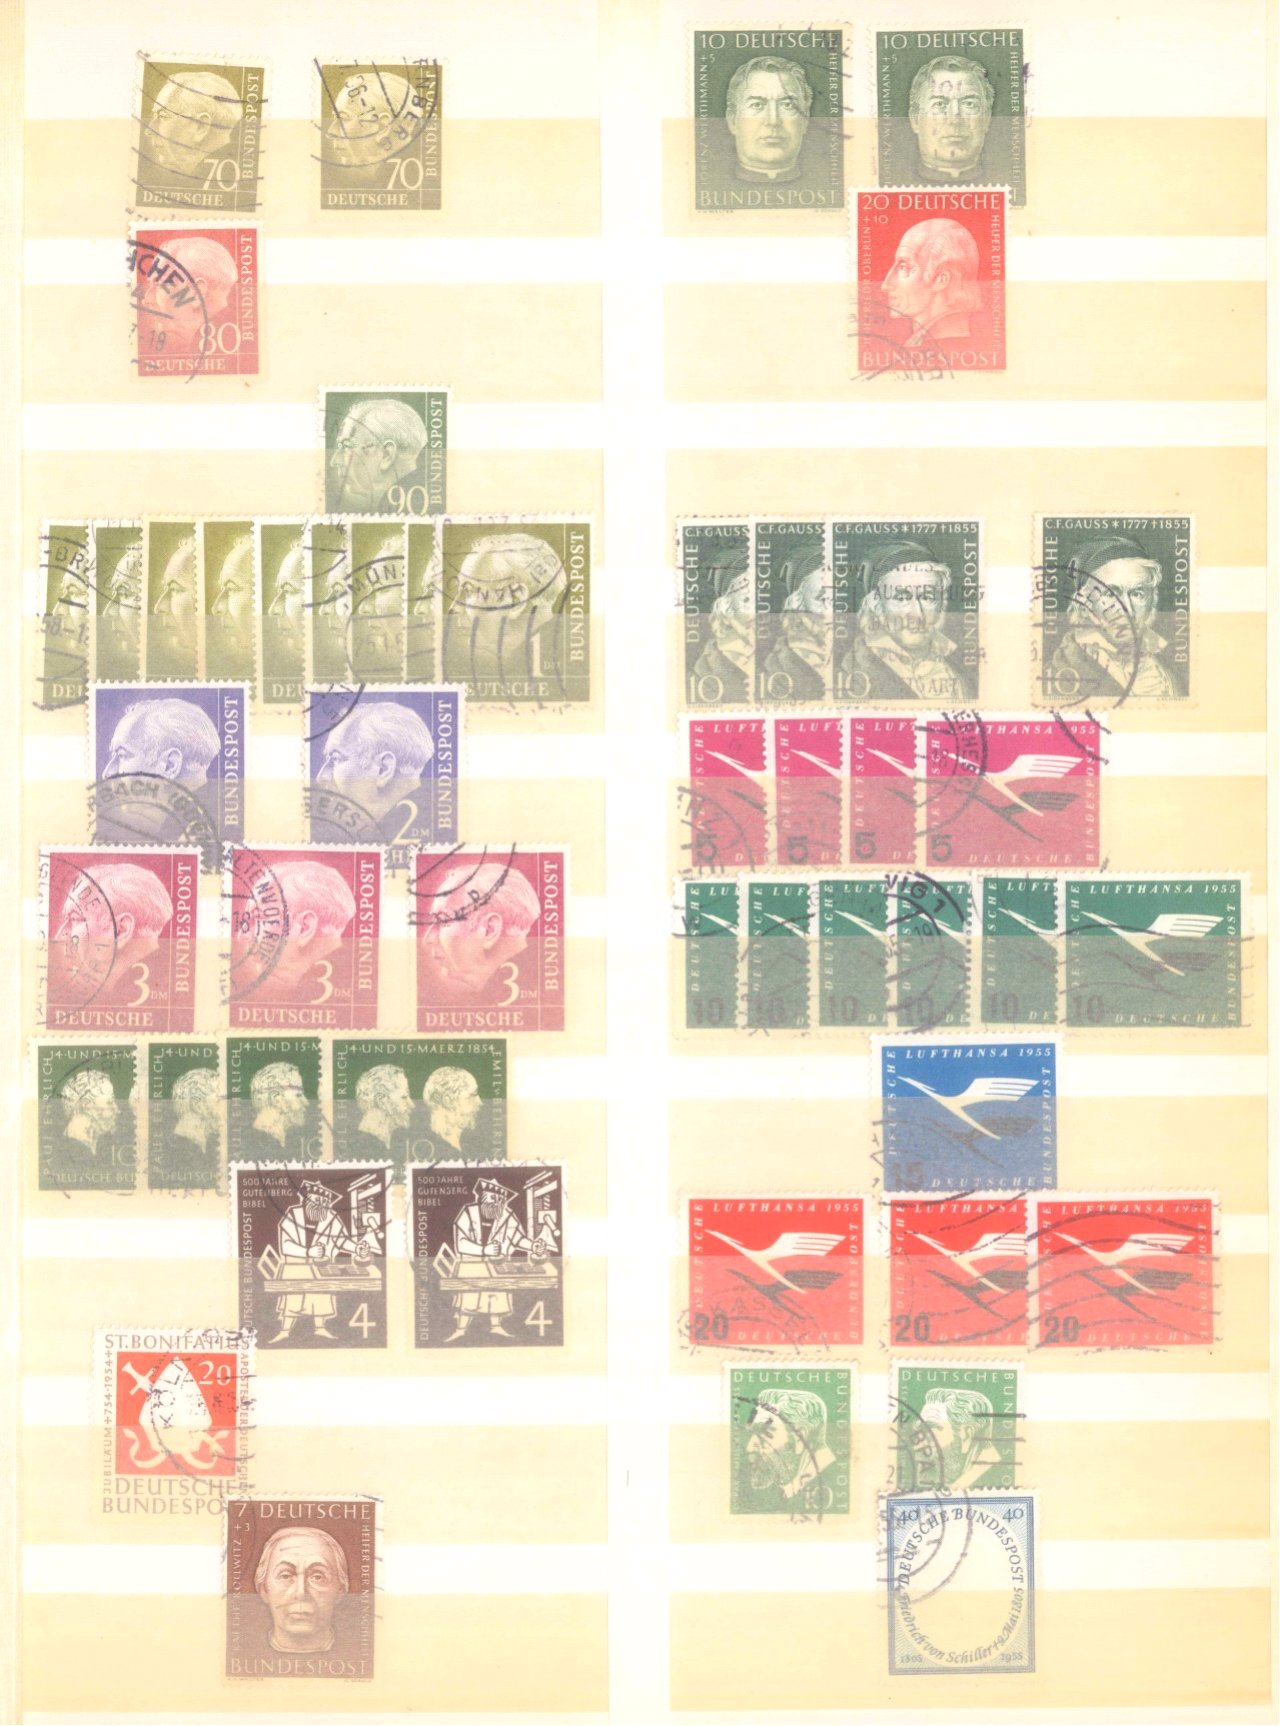 Mannheimer Briefmarkennachlass-13